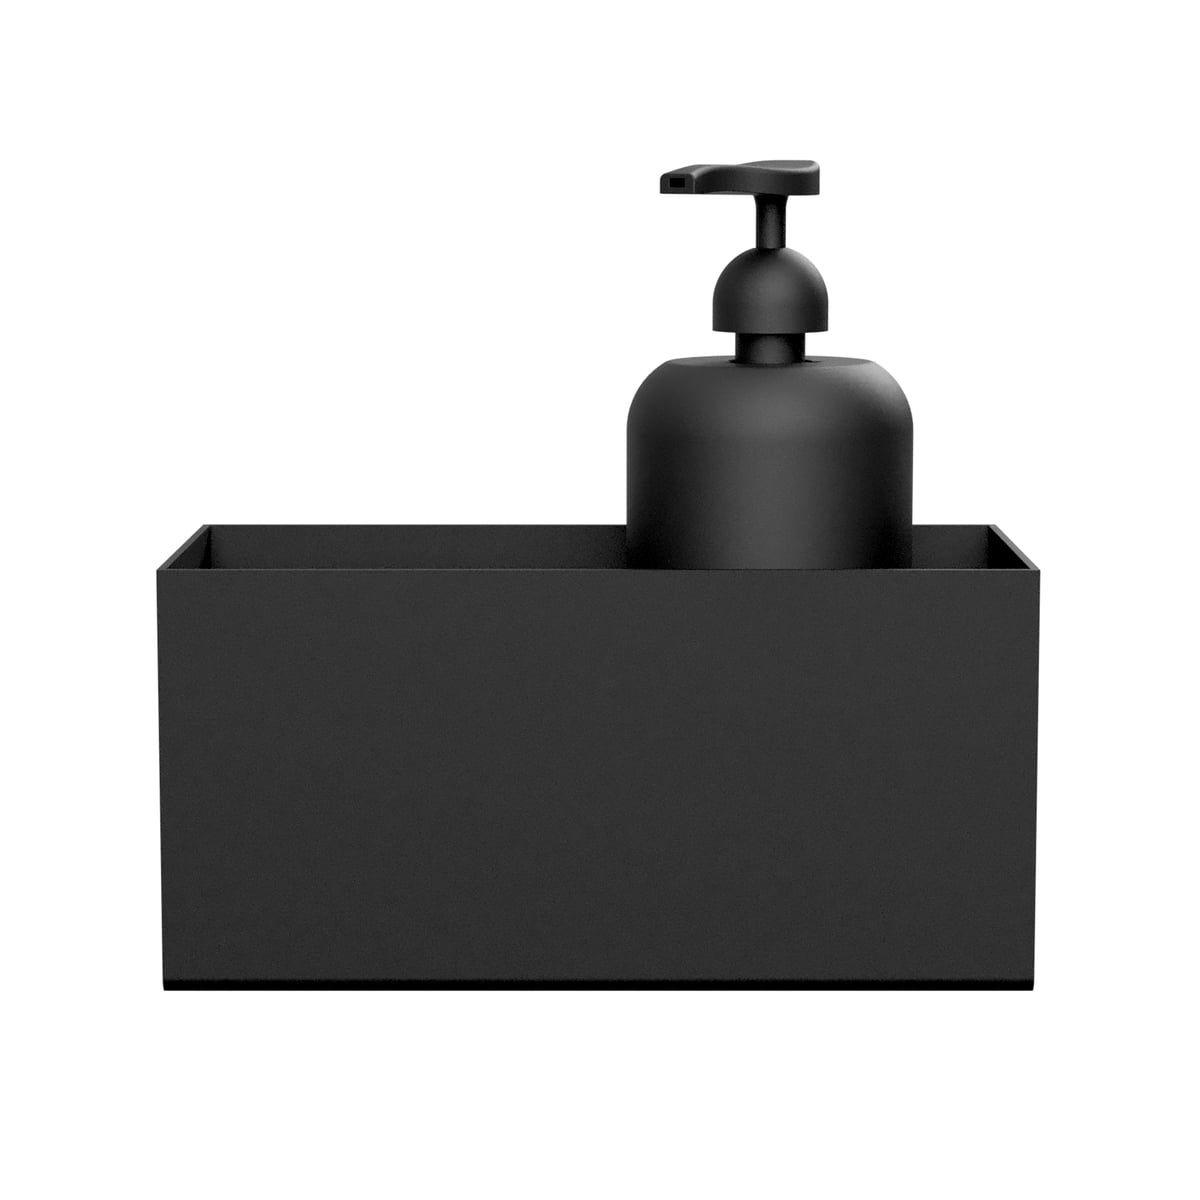 Nichba Design Wandablage L 20 Cm Schwarz Ablage Ablage Dusche Und Badezimmer Accessoires